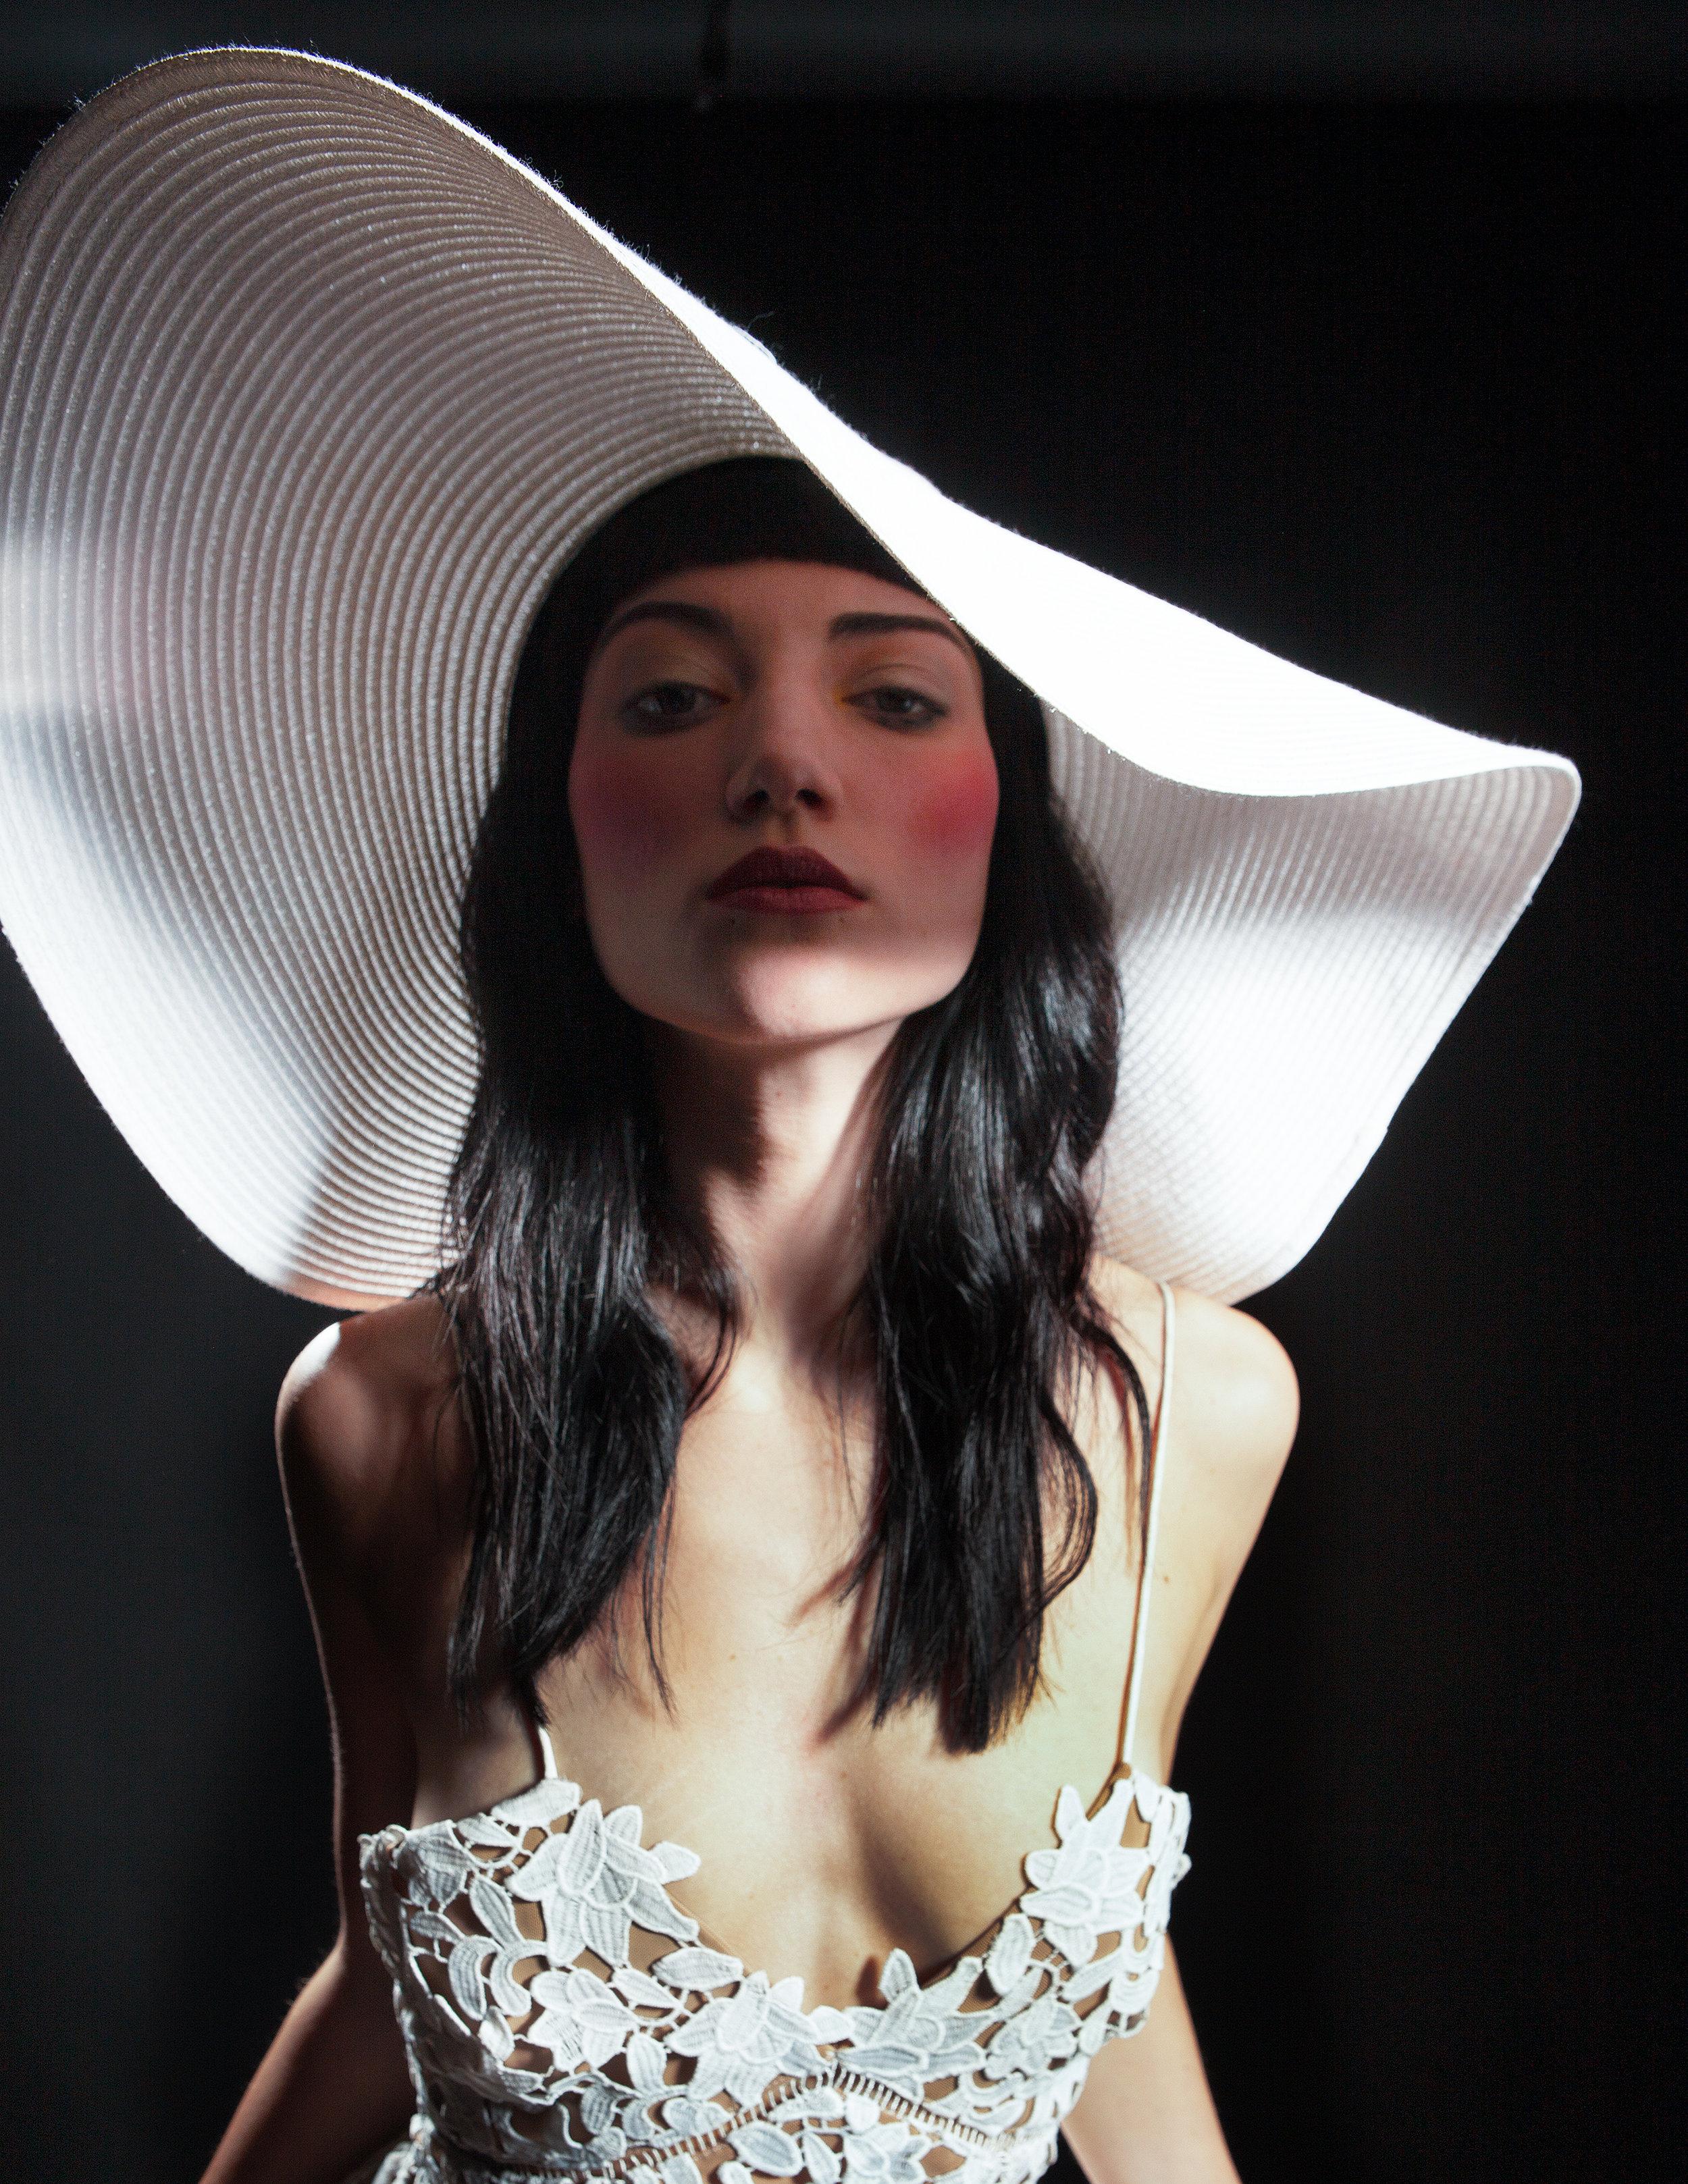 Dress: SELF PORTRAIT   Hat: LAWLIET